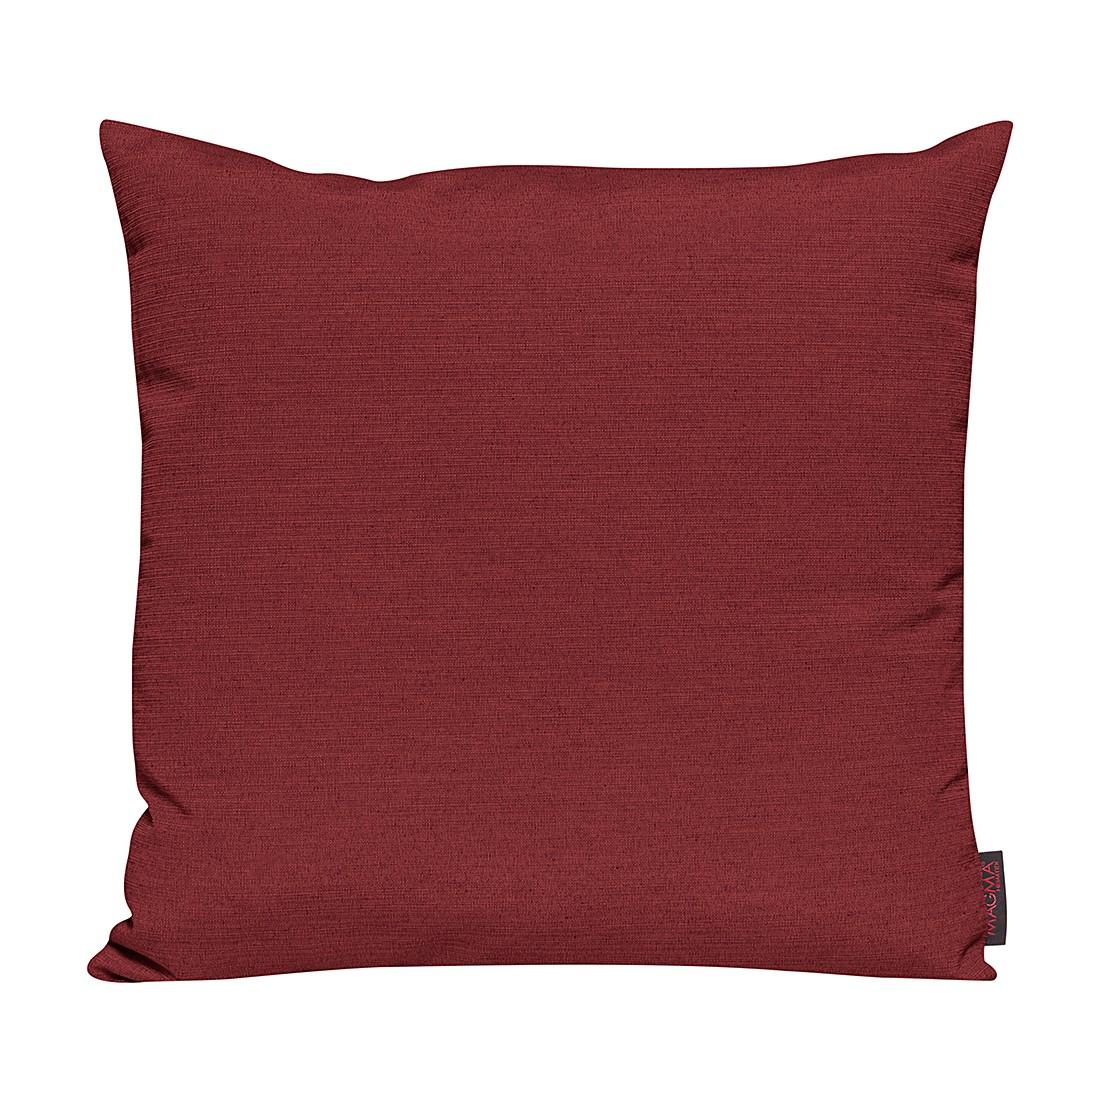 Kissenhülle Franca – Rot – 50 x 50 cm, Magma-Heimtex bestellen